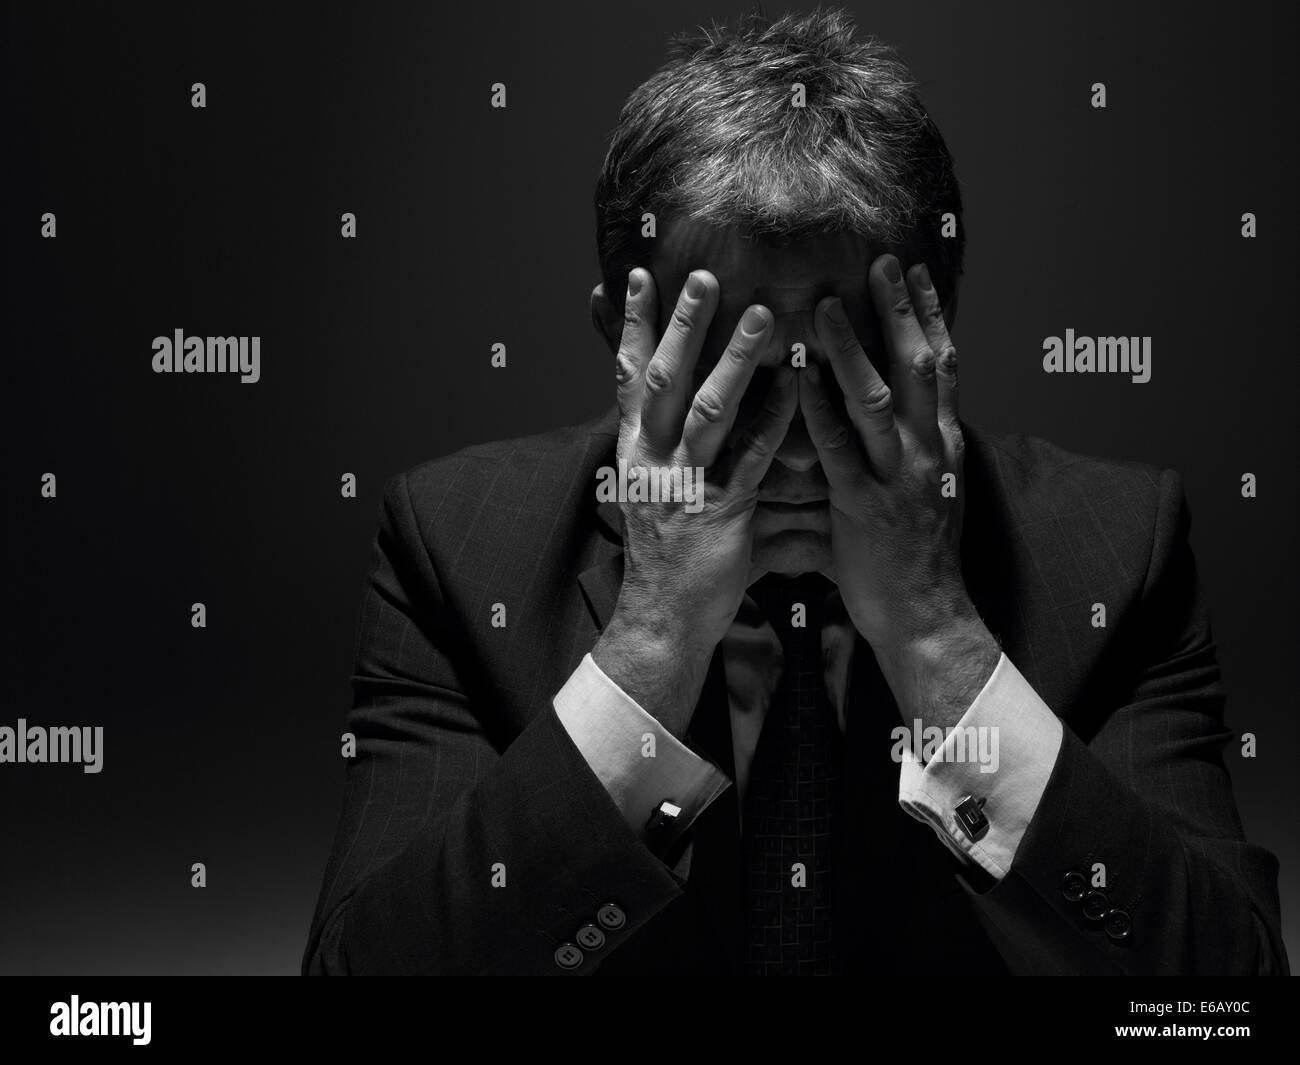 Zweifel, Angst, Stress, Kampf, Geschäftsmann, burnout Stockbild